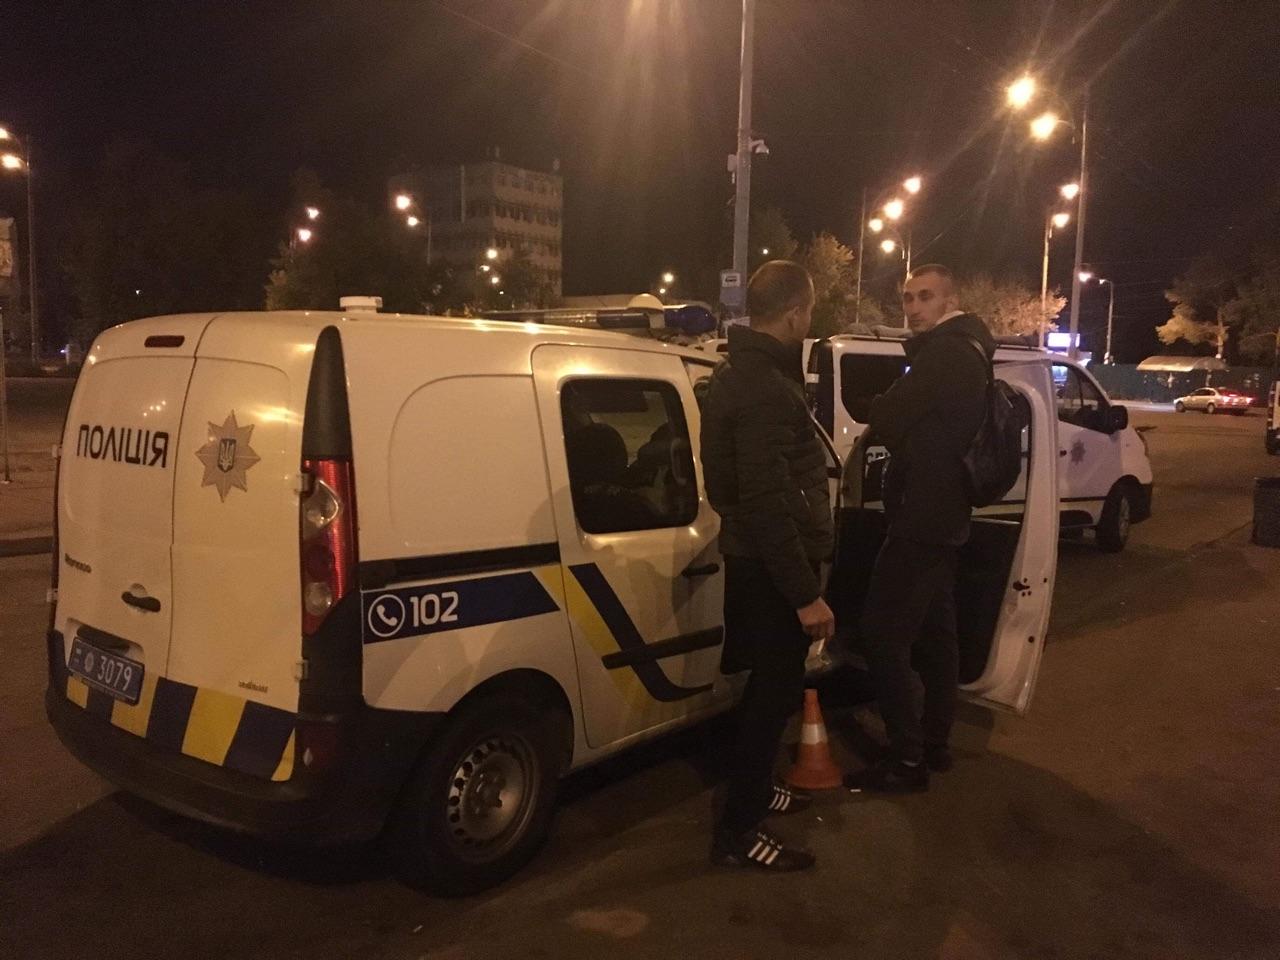 У Києві поліція розслідує нічну стрілянину з пораненим біля метро. ФОТ